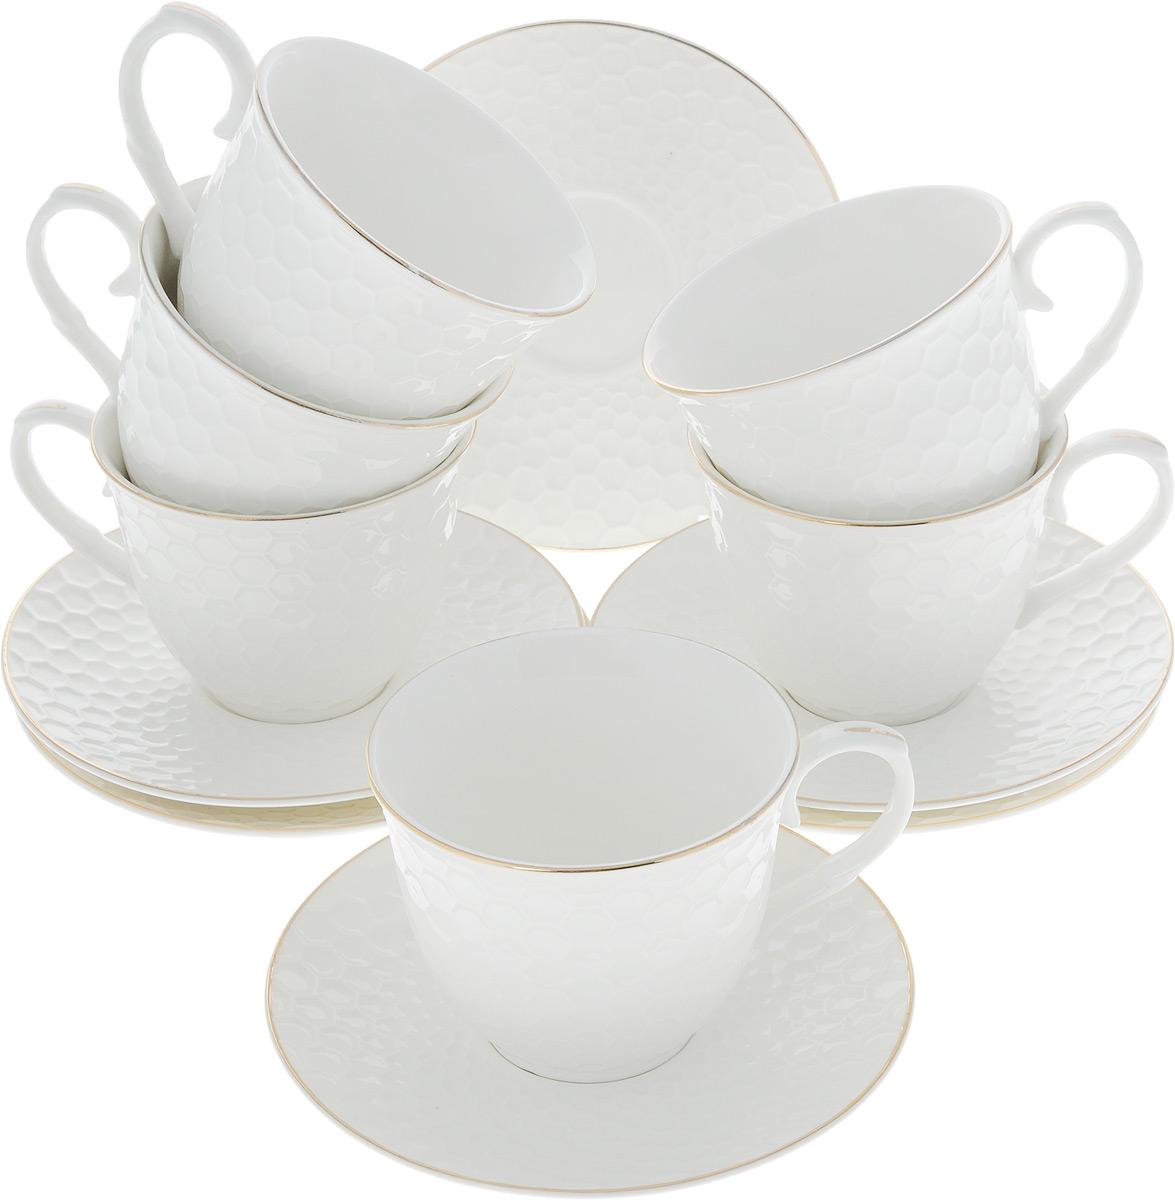 Сервиз чайный Loraine, 12 предметов. 26506 чайный сервиз loraine 200 мл 12 предметов 25931